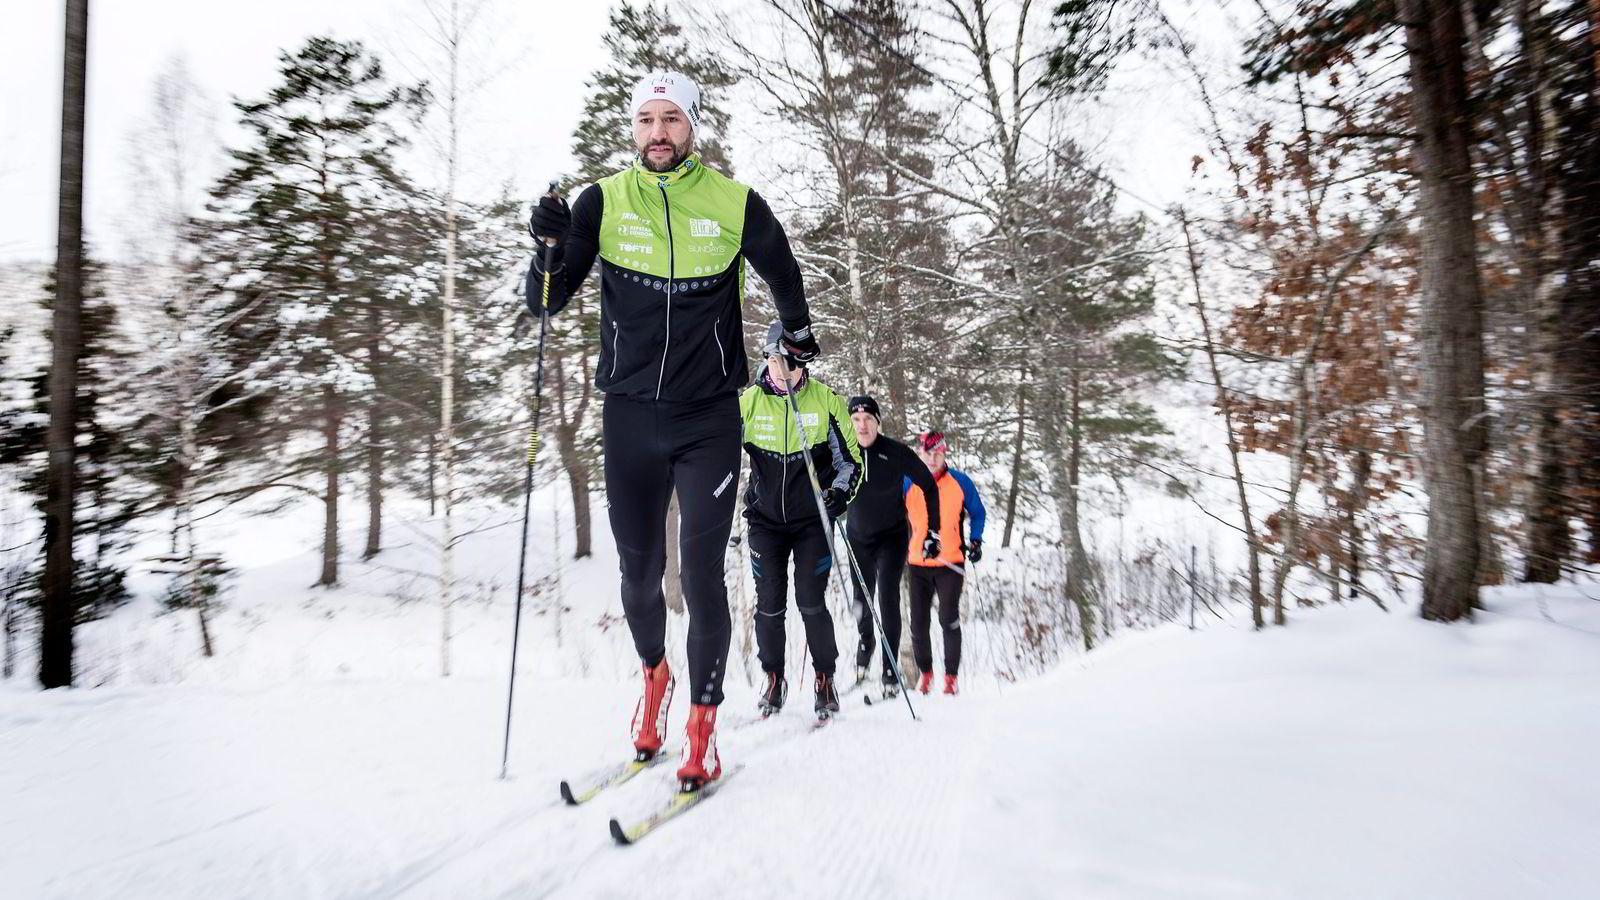 Etter å ha staket 210 km på rulleski fra Kristiansand til Hovden, fikk Stefan Jensen (fremst) mersmak på lange, tunge økter. Nå gleder han seg til å debutere i Marcialonga sammen med kompisene Joakim Hanssen, Sverre Engebretsen og Tom Chr. Bredesen.